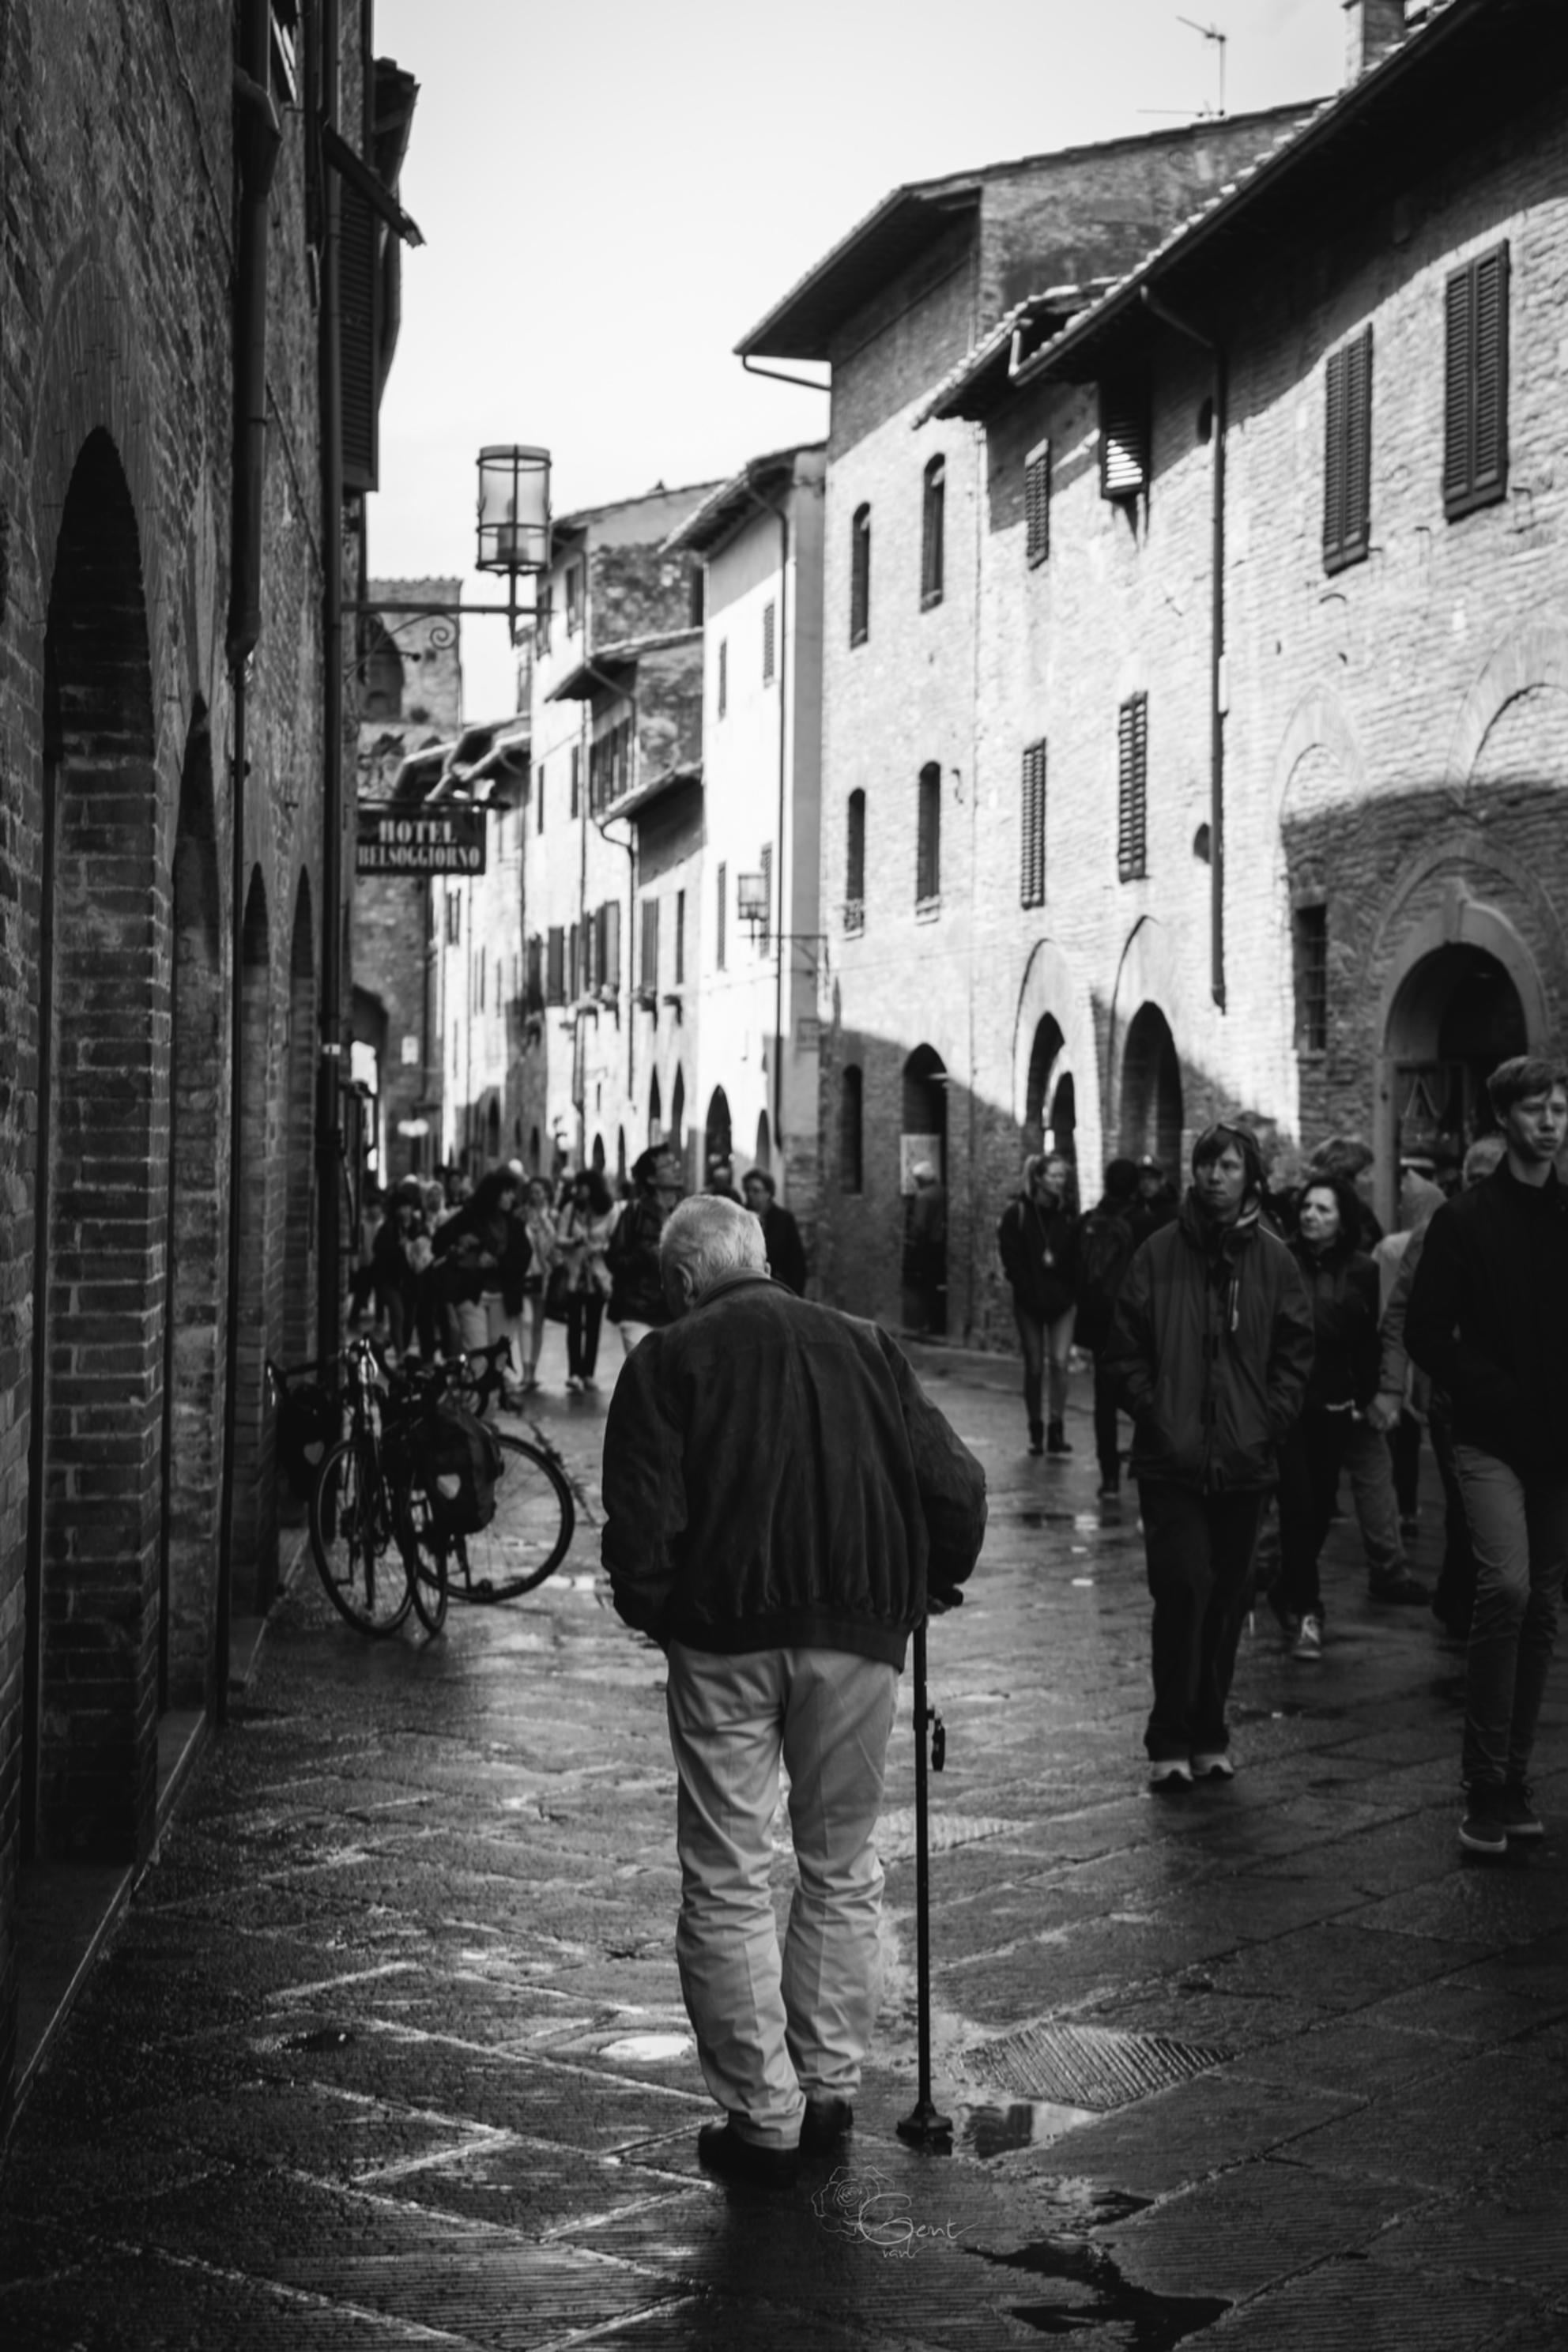 Je eigen weg - Hij was niet zo snel, maar hij ging naar boven. - foto door Roosvangent op 22-01-2017 - deze foto bevat: man, schaduw, zwartwit, toscane, italie, stok, straatje, wandelaar, Oude man - Deze foto mag gebruikt worden in een Zoom.nl publicatie